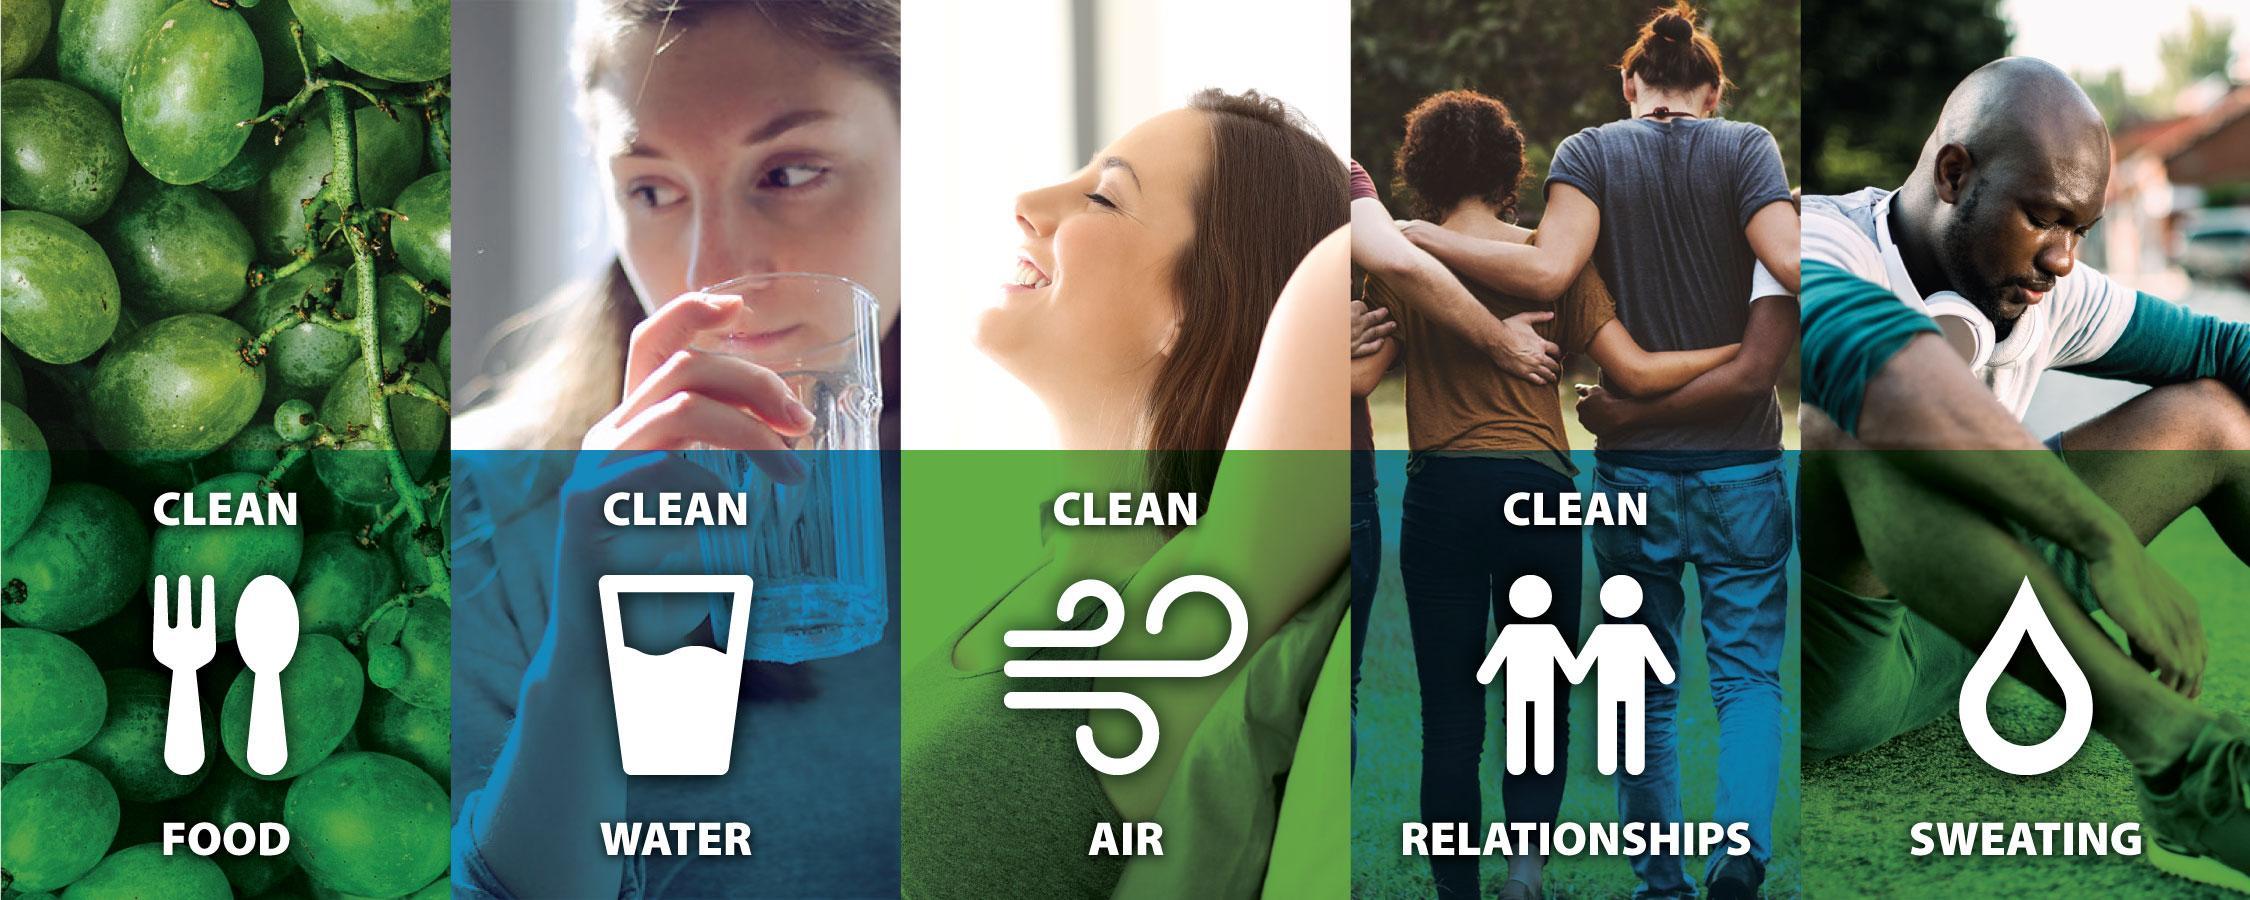 Clean Streets Clean Water Clean Air 1970 Whitman School Reader   Clean Water Air